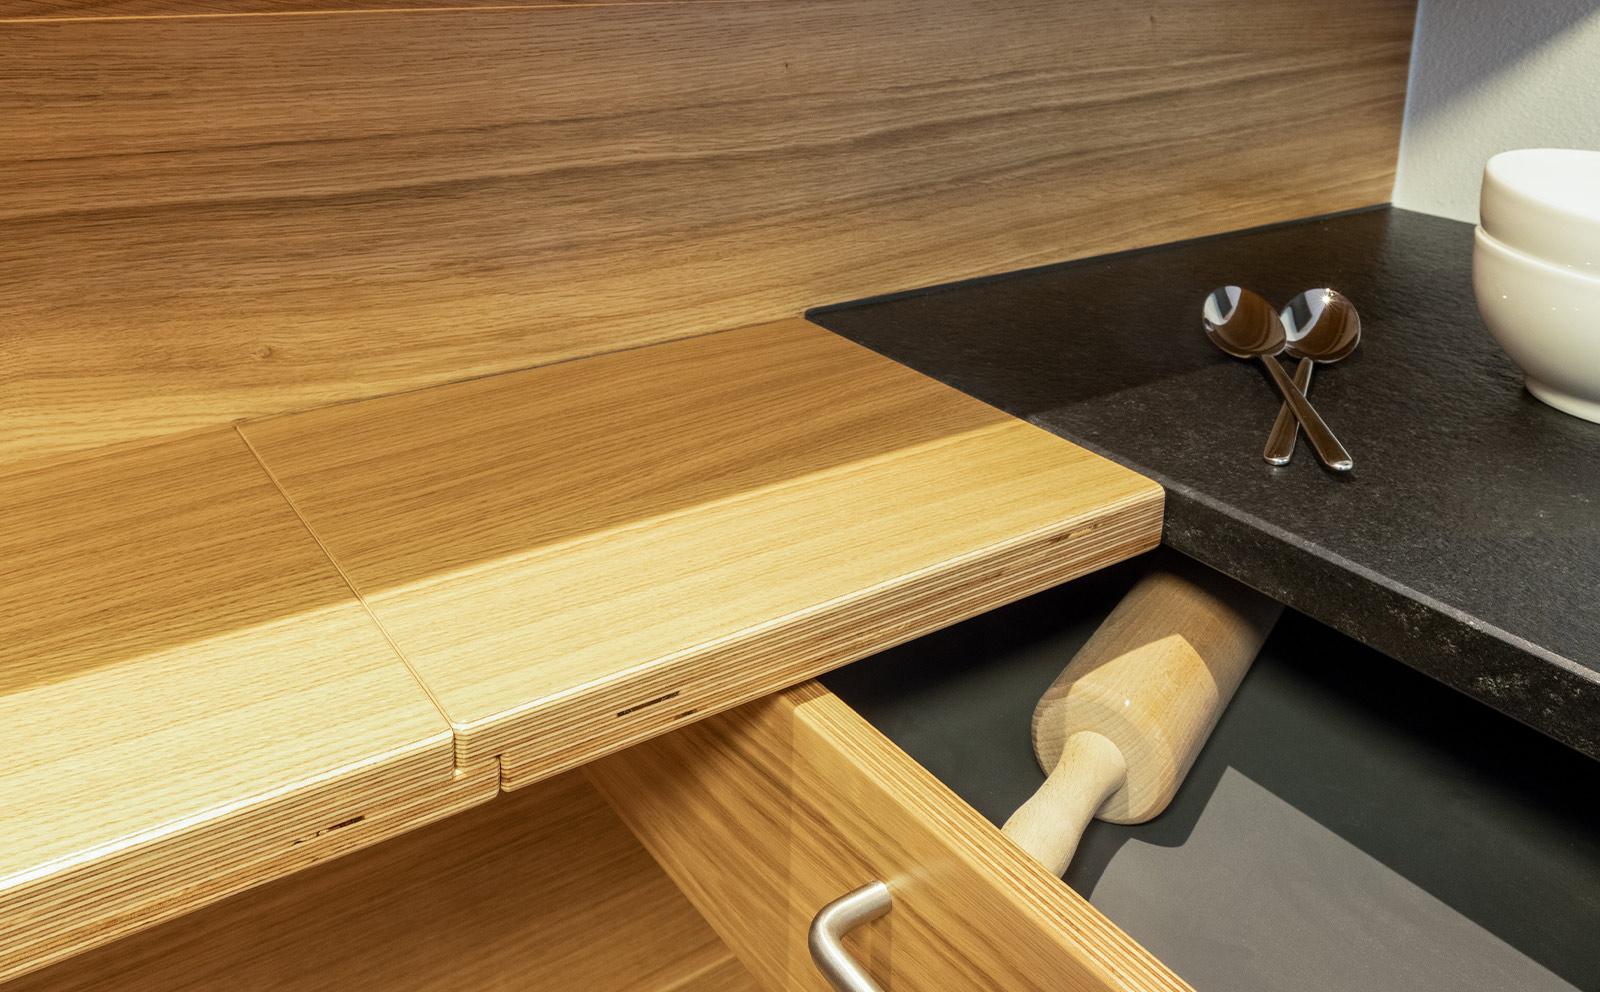 Detaillösung für Schubladen an Arbeitsplatte